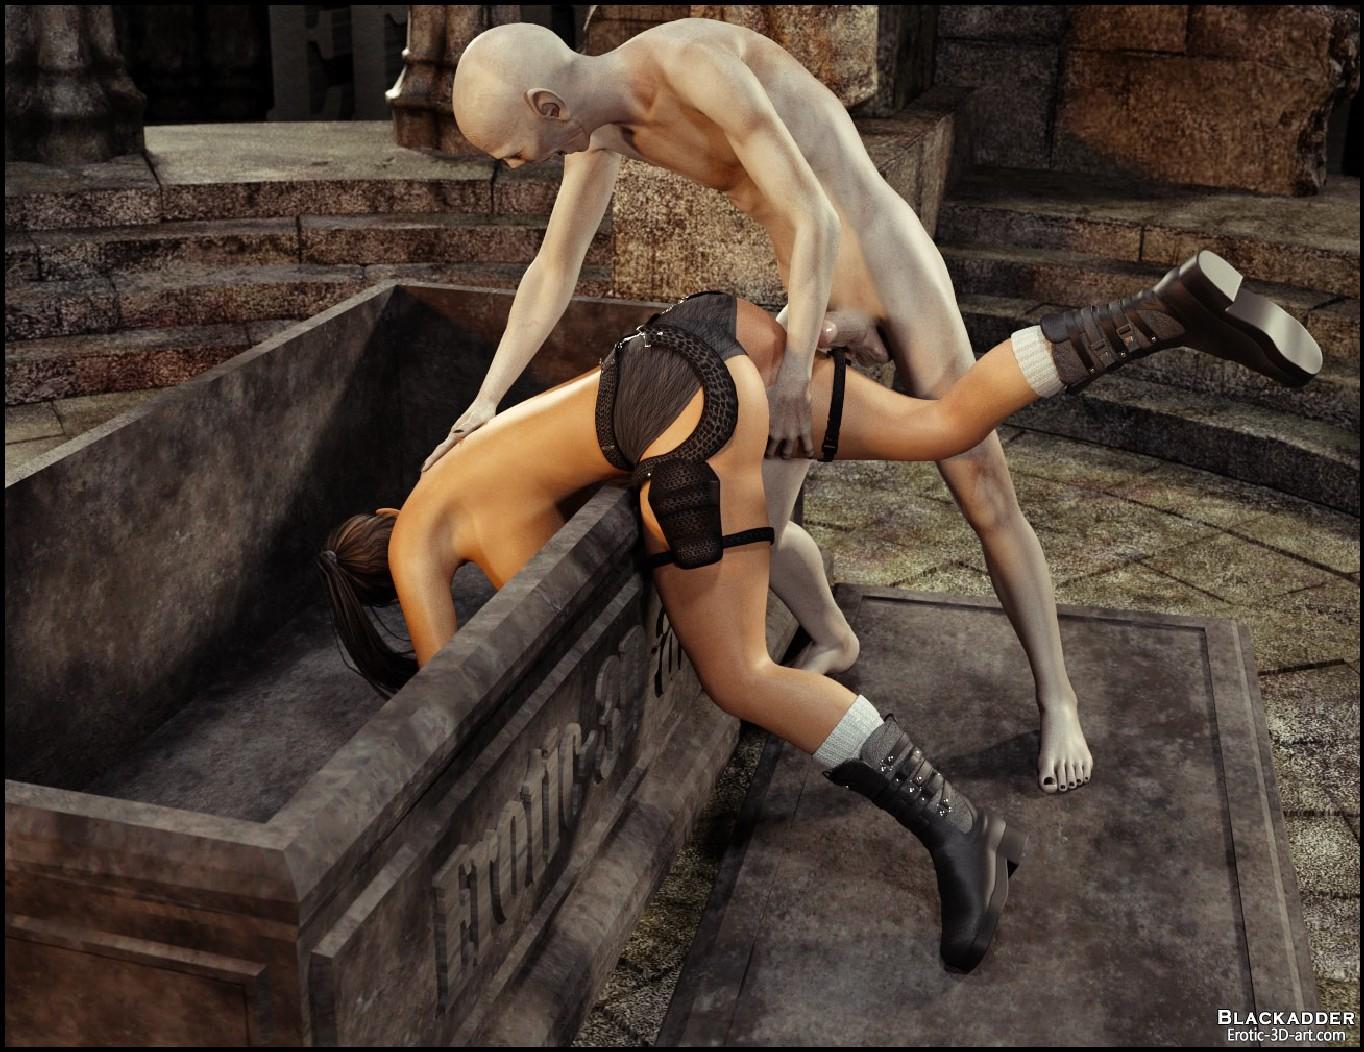 gisella moretti monster sex 07